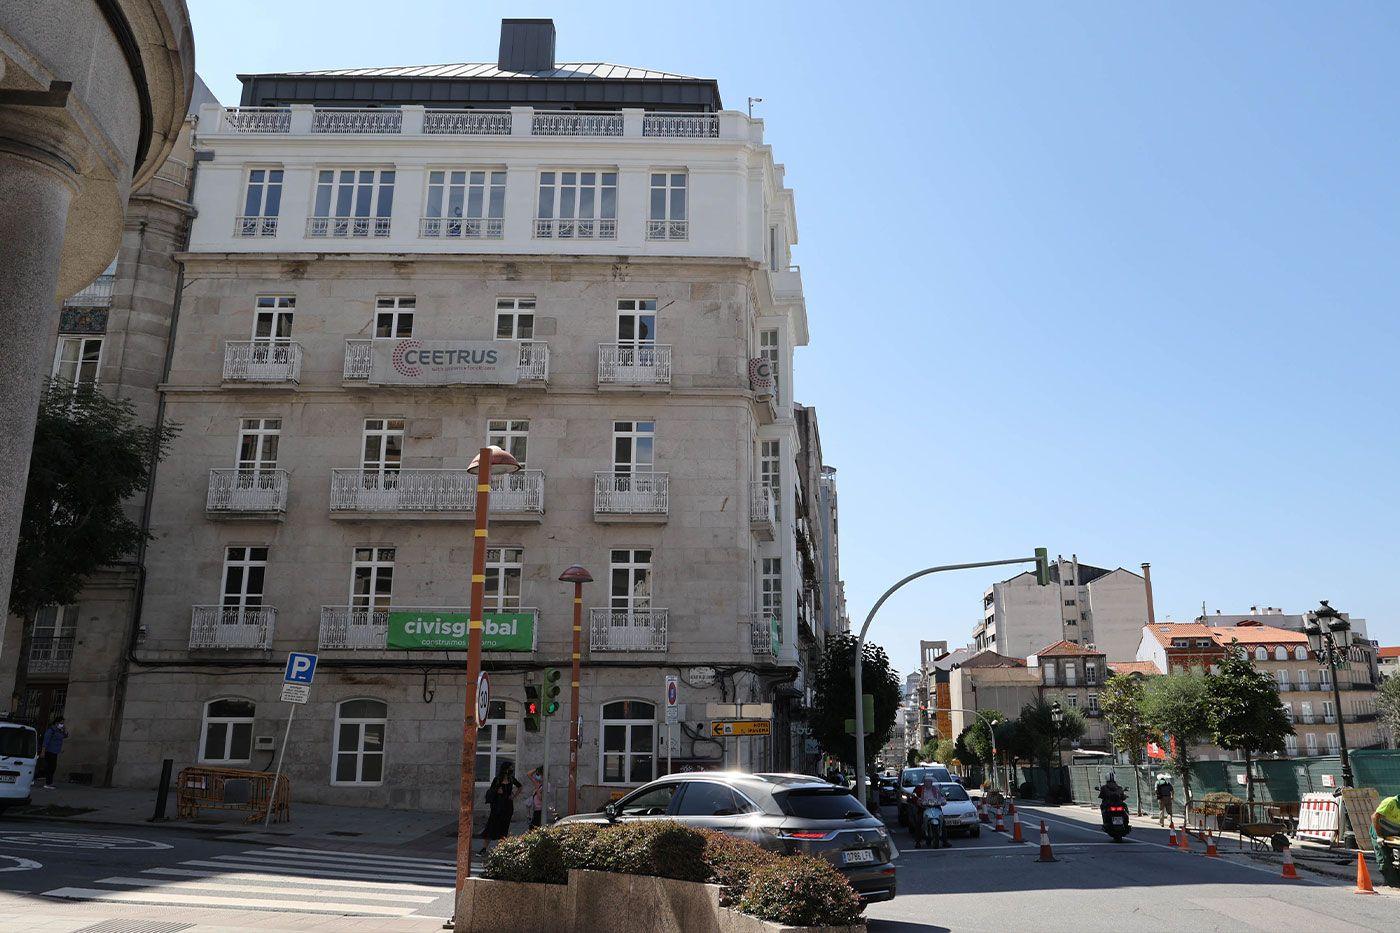 Parte superior del nuevo hotel rehabilitado por Ceetrus frente al complejo Vialia